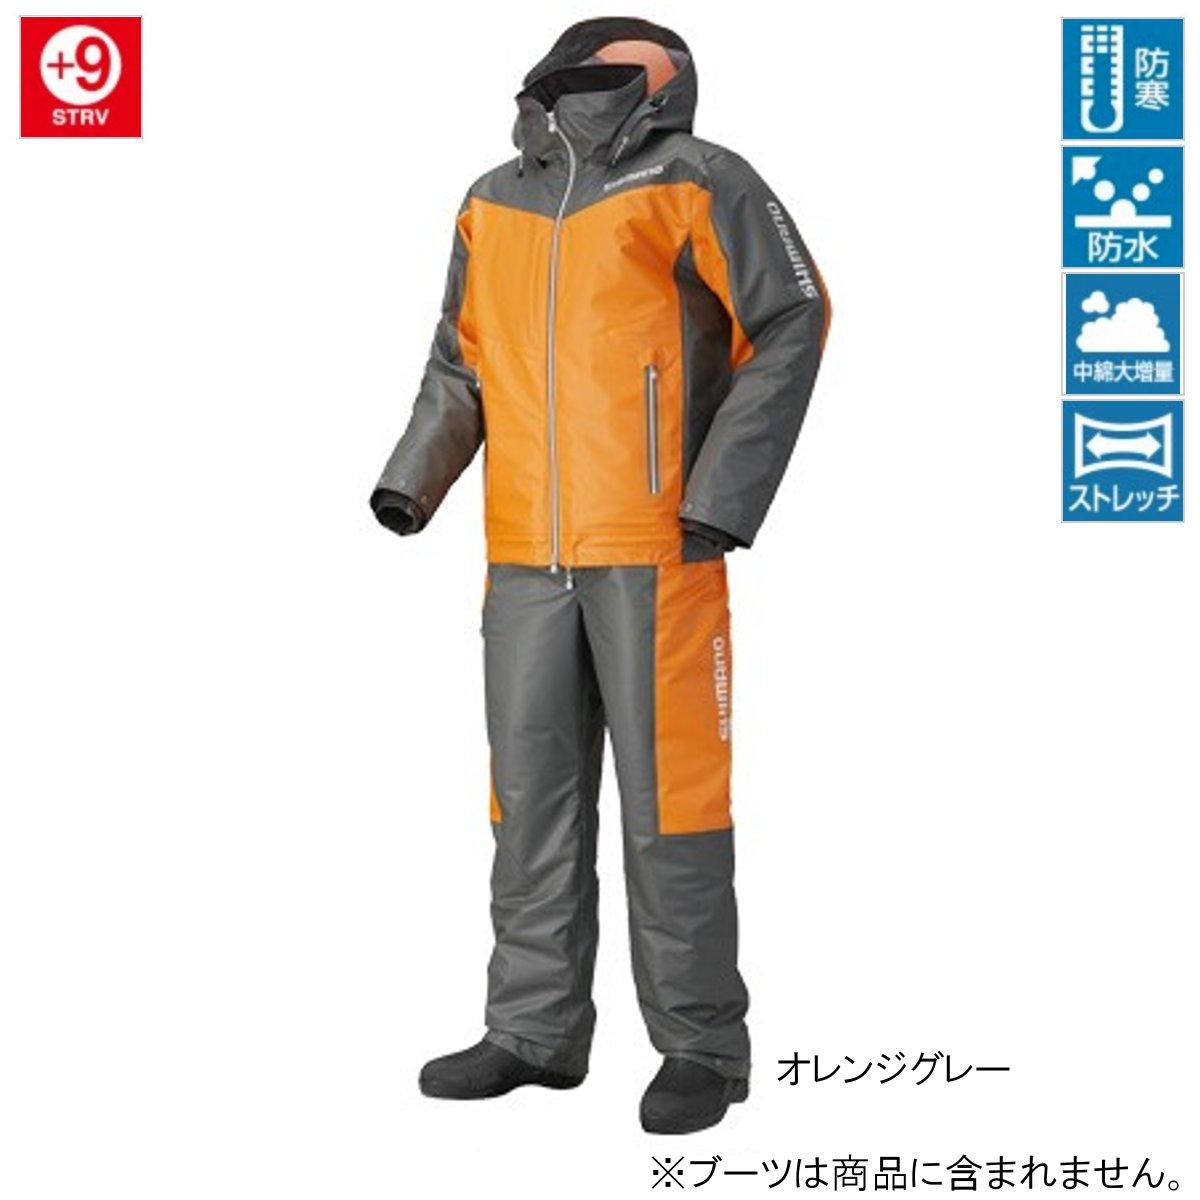 シマノ マリンコールドウェザースーツ EX RB-035N M オレンジグレー(東日本店)